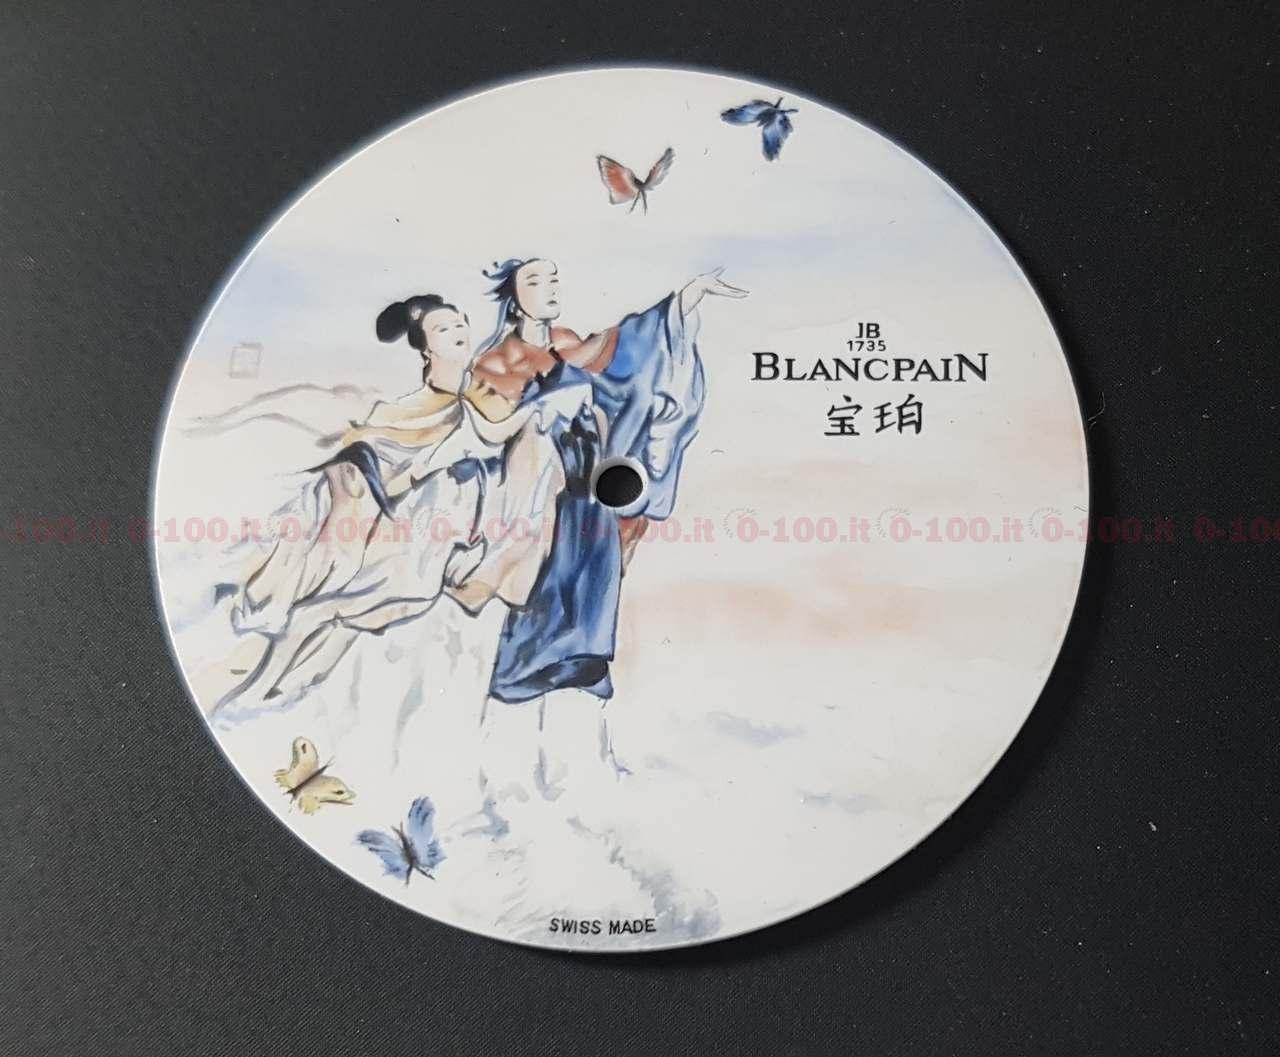 manifacture_blancpain_visit_2017_0-10062